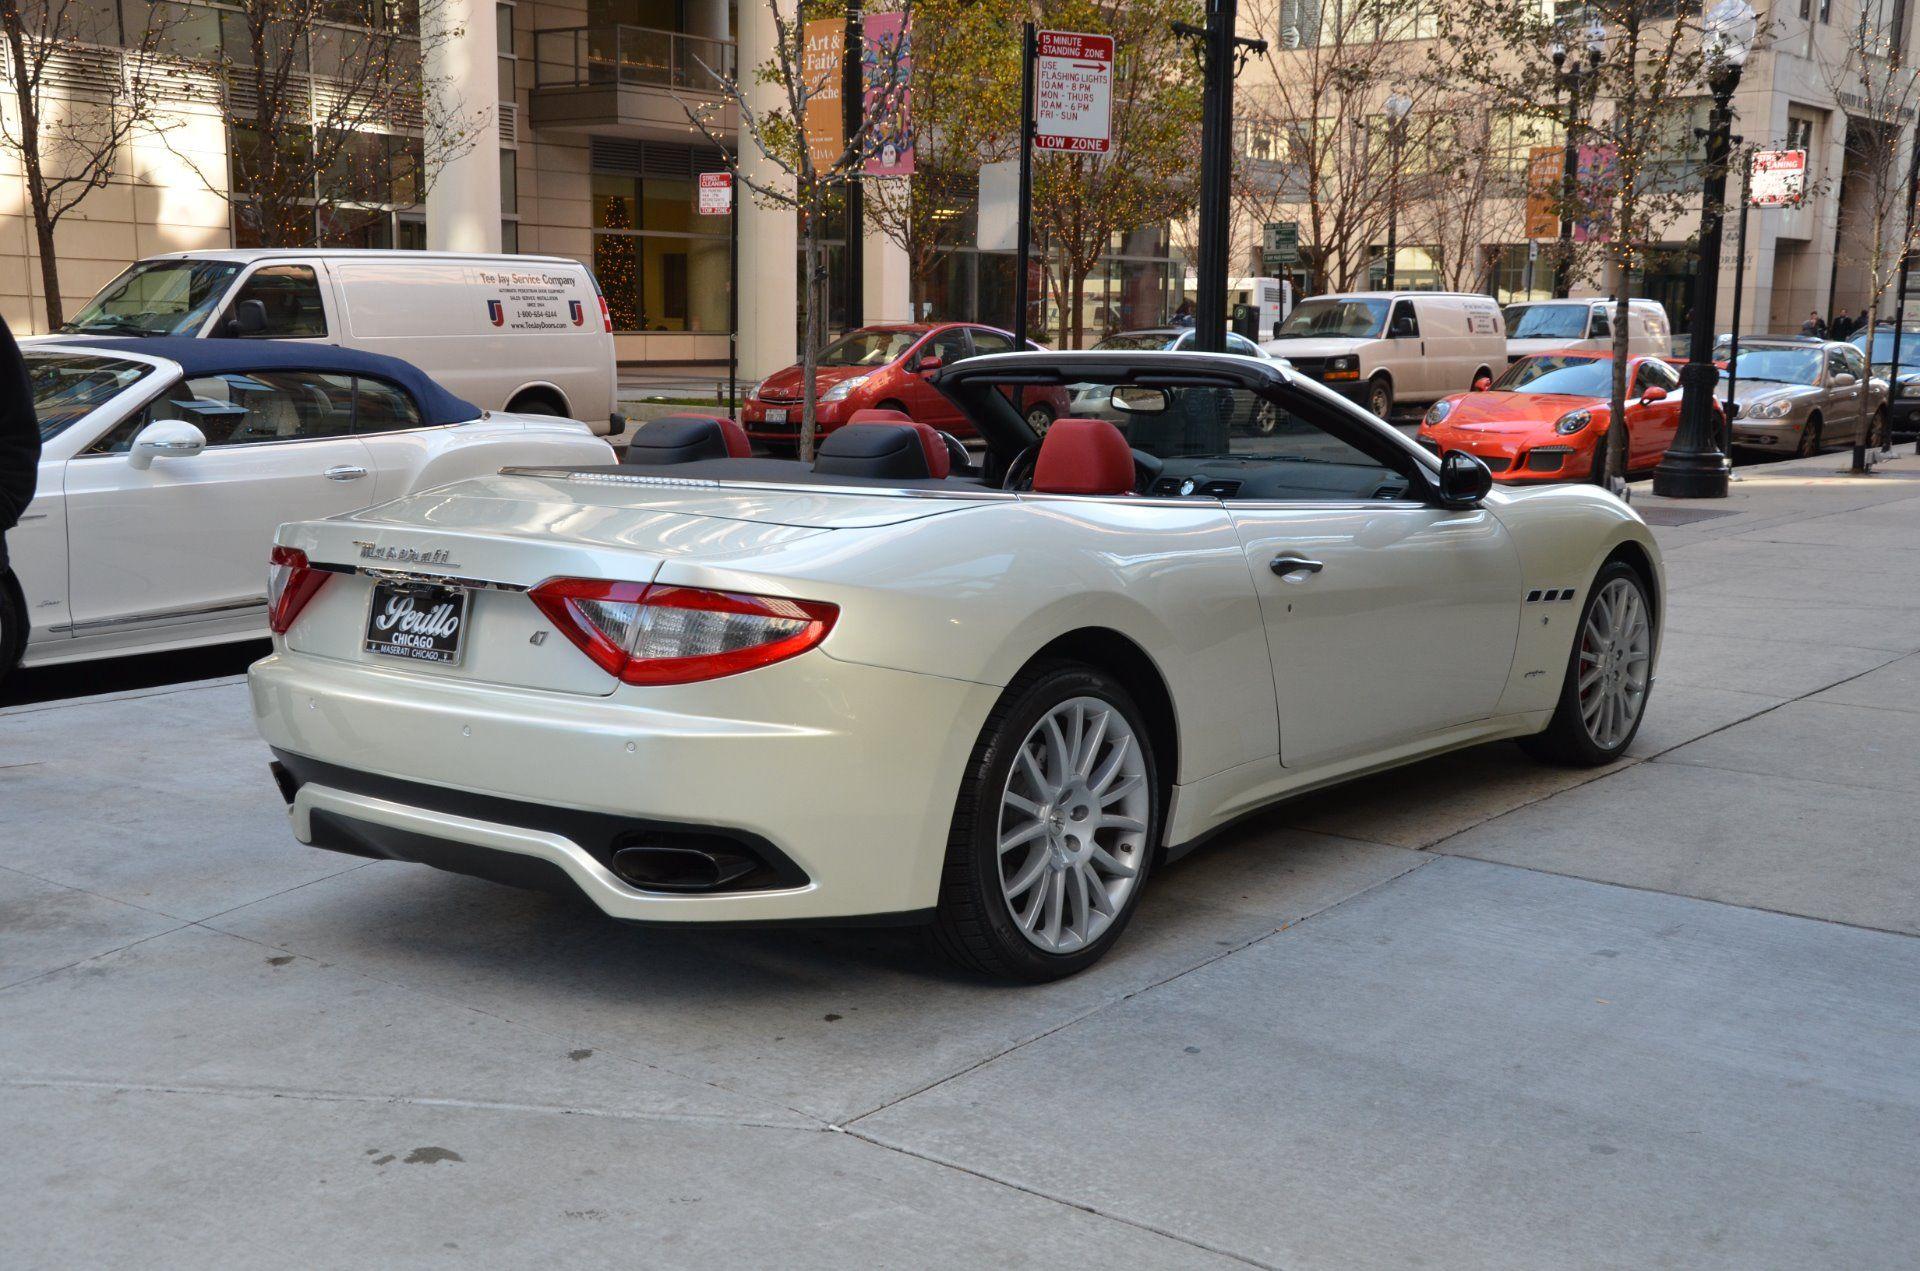 2011 Maserati Granturismo Convertible Stock M159aa For Sale Near Chicago Il Il Maserati Dea Maserati Granturismo Convertible Maserati Granturismo Maserati